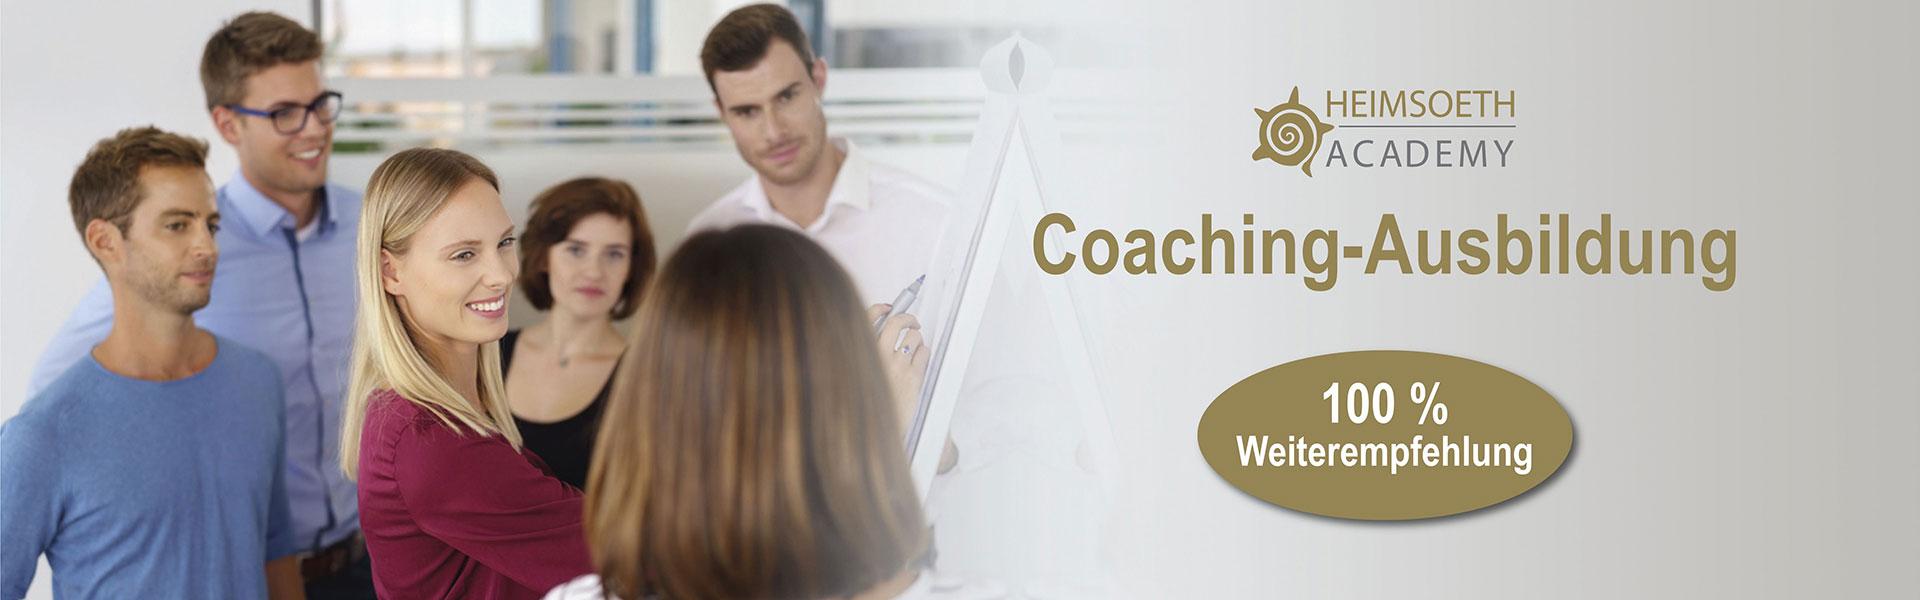 Online Business Coaching-Ausbildung - Antje Heimsoeth